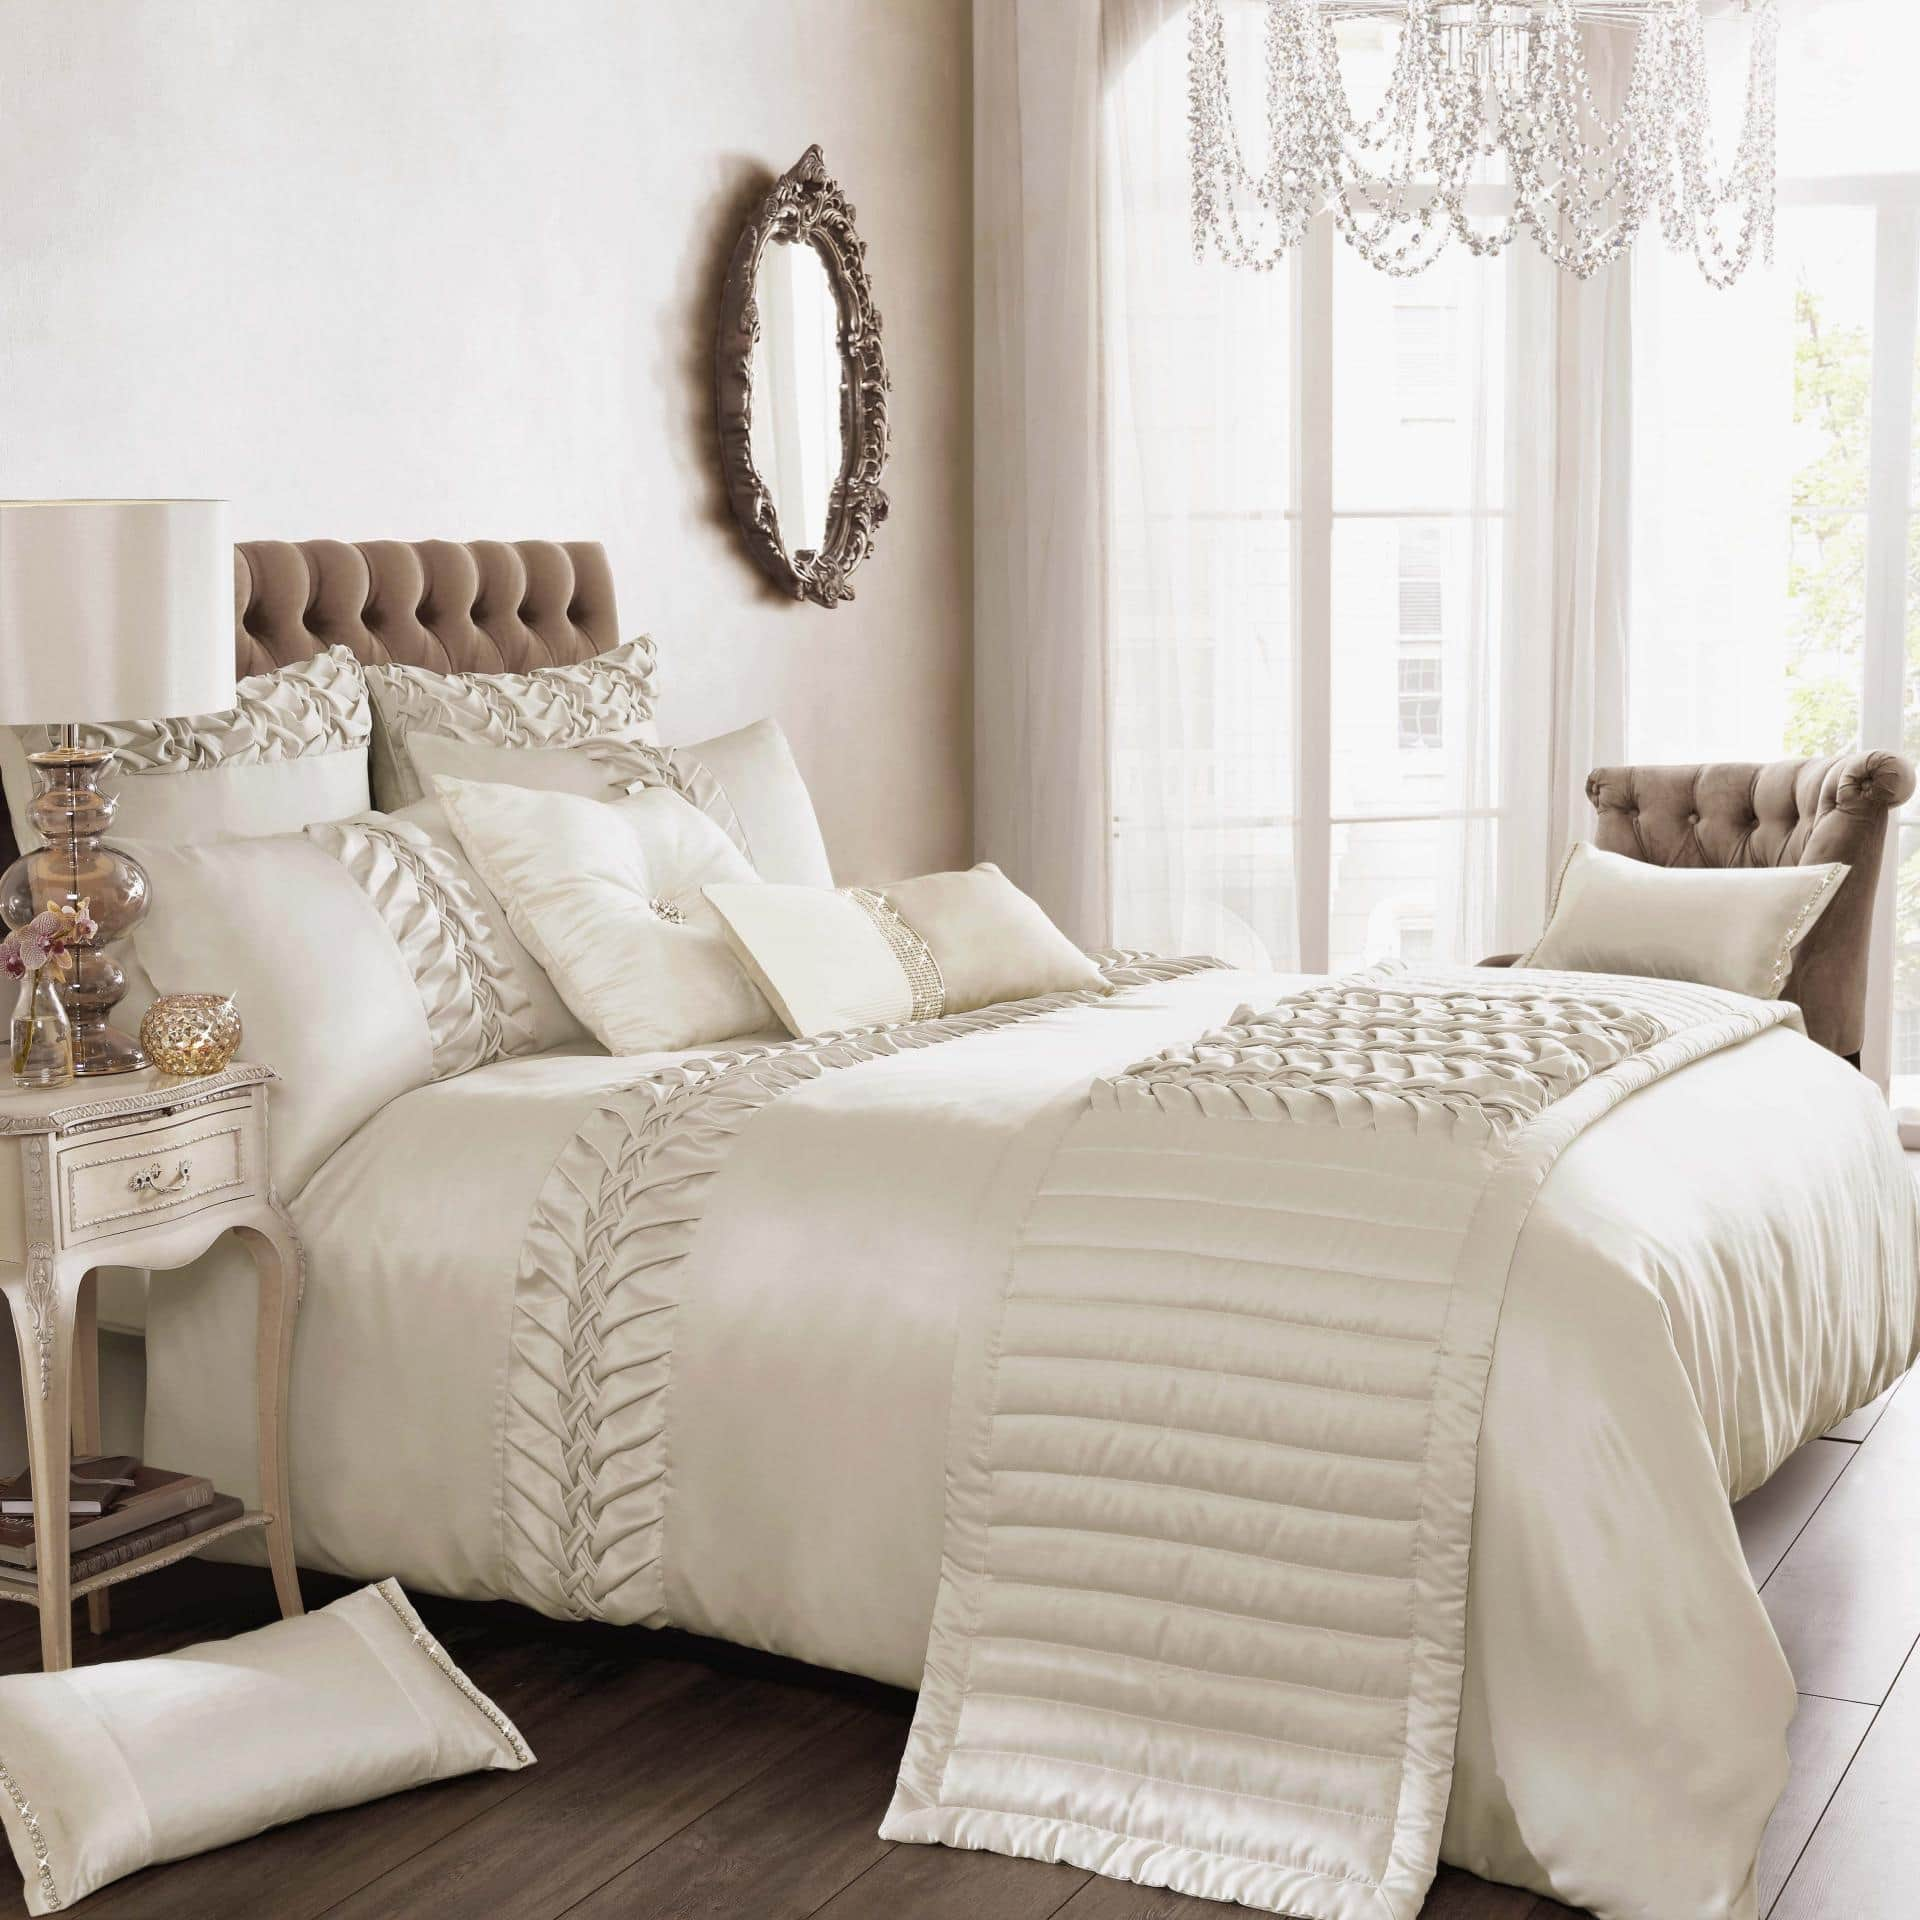 Camas baratas en madrid con colch n expr s for Colchon para cama king size